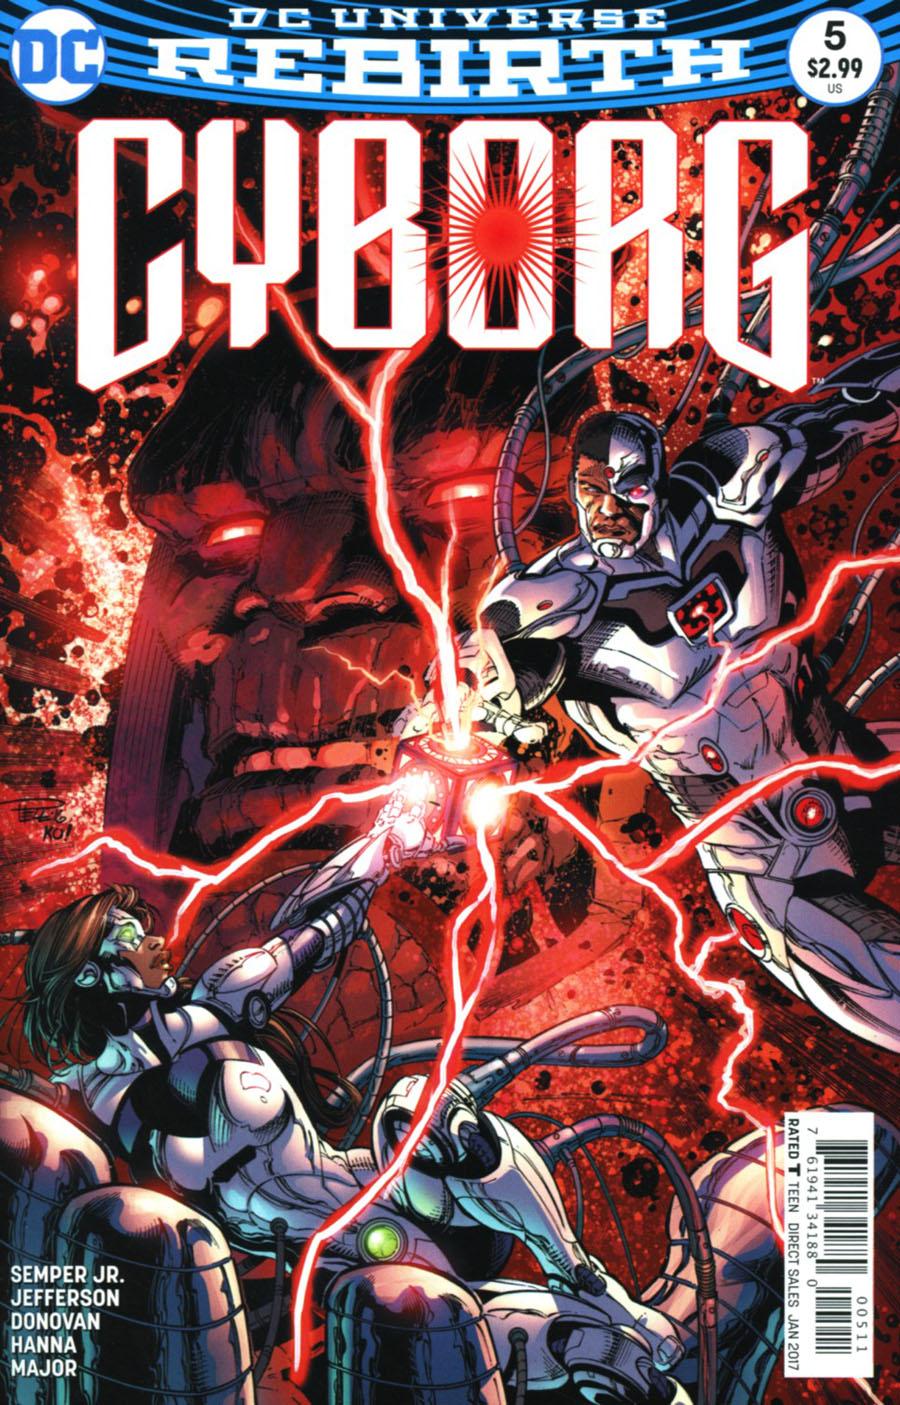 Cyborg Vol 2 #5 Cover A Regular Paul Pelletier & Tony Kordos Cover